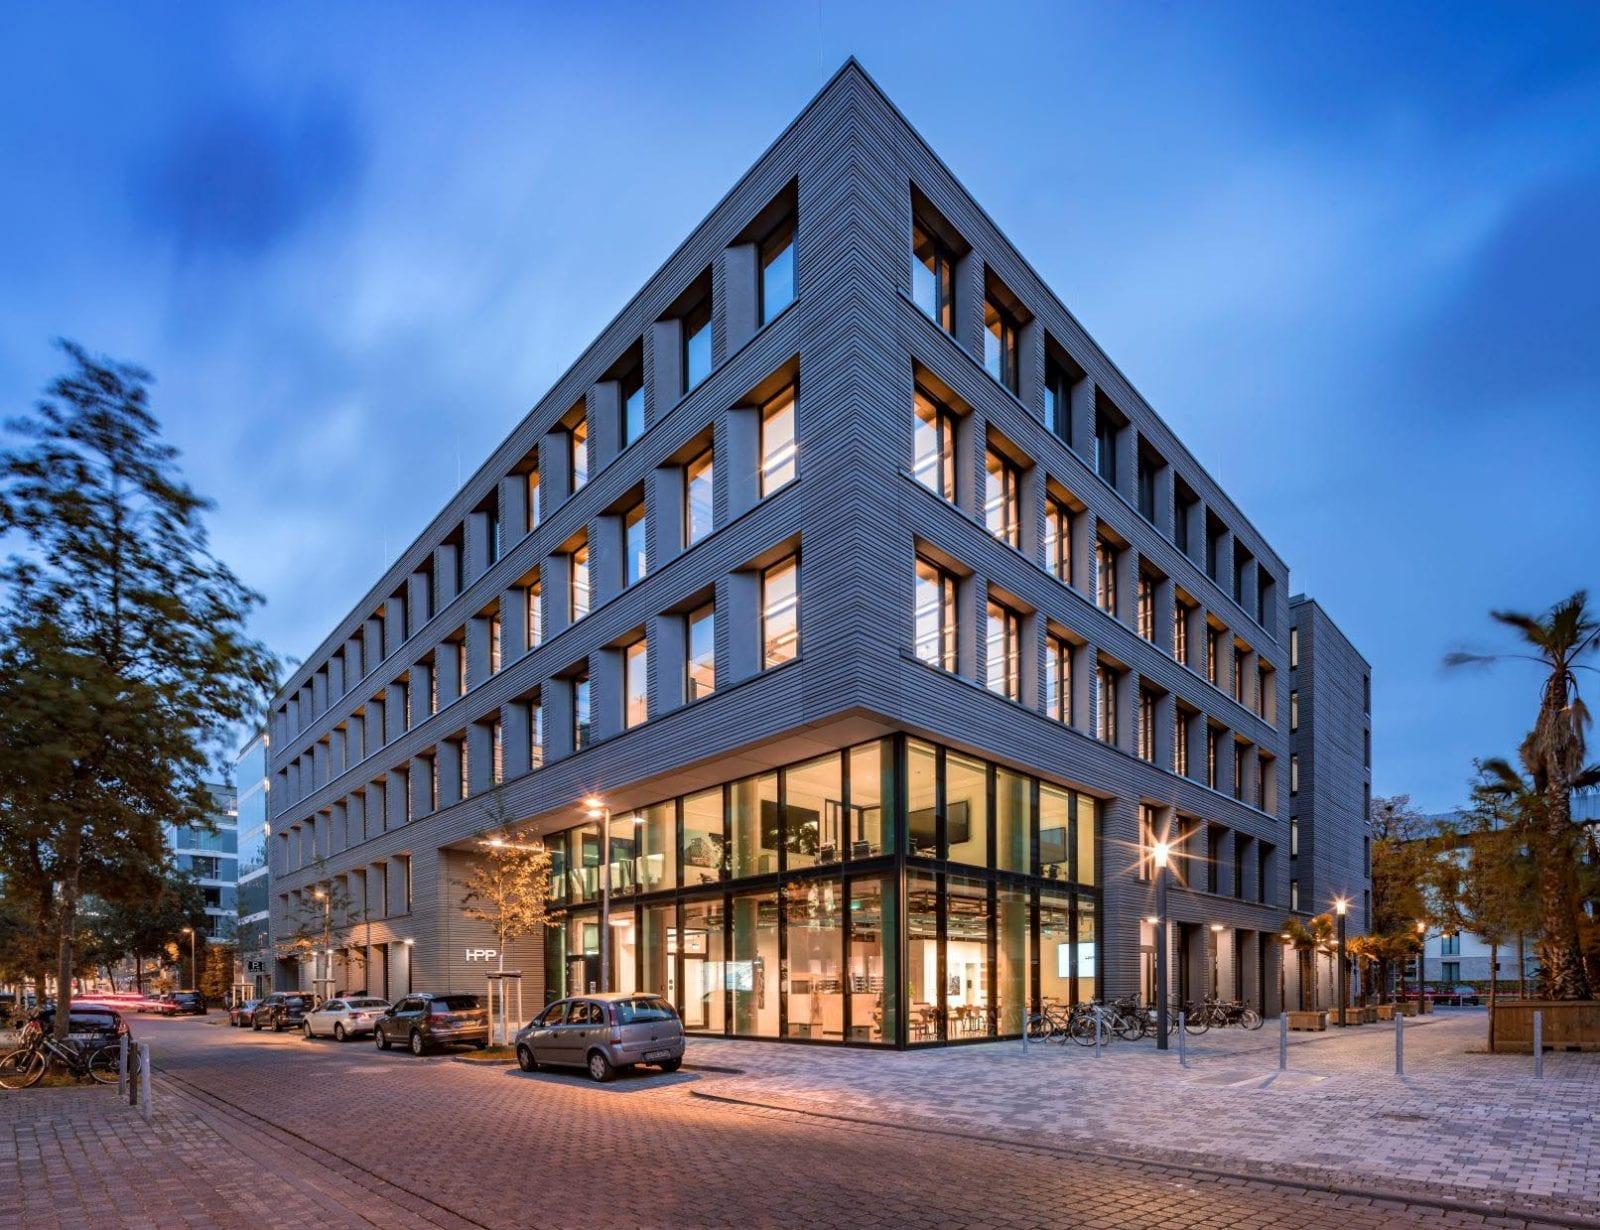 """Die """"Mixed-Use-Immobilie"""" im Düsseldorfer Medienhafen beherbergt neben den Büroflächen auch Wohnungen und Gastronomie und wurde für den Projektentwickler INTERBODEN realisiert (HPP Architekten / Foto: Ralph Richter)"""